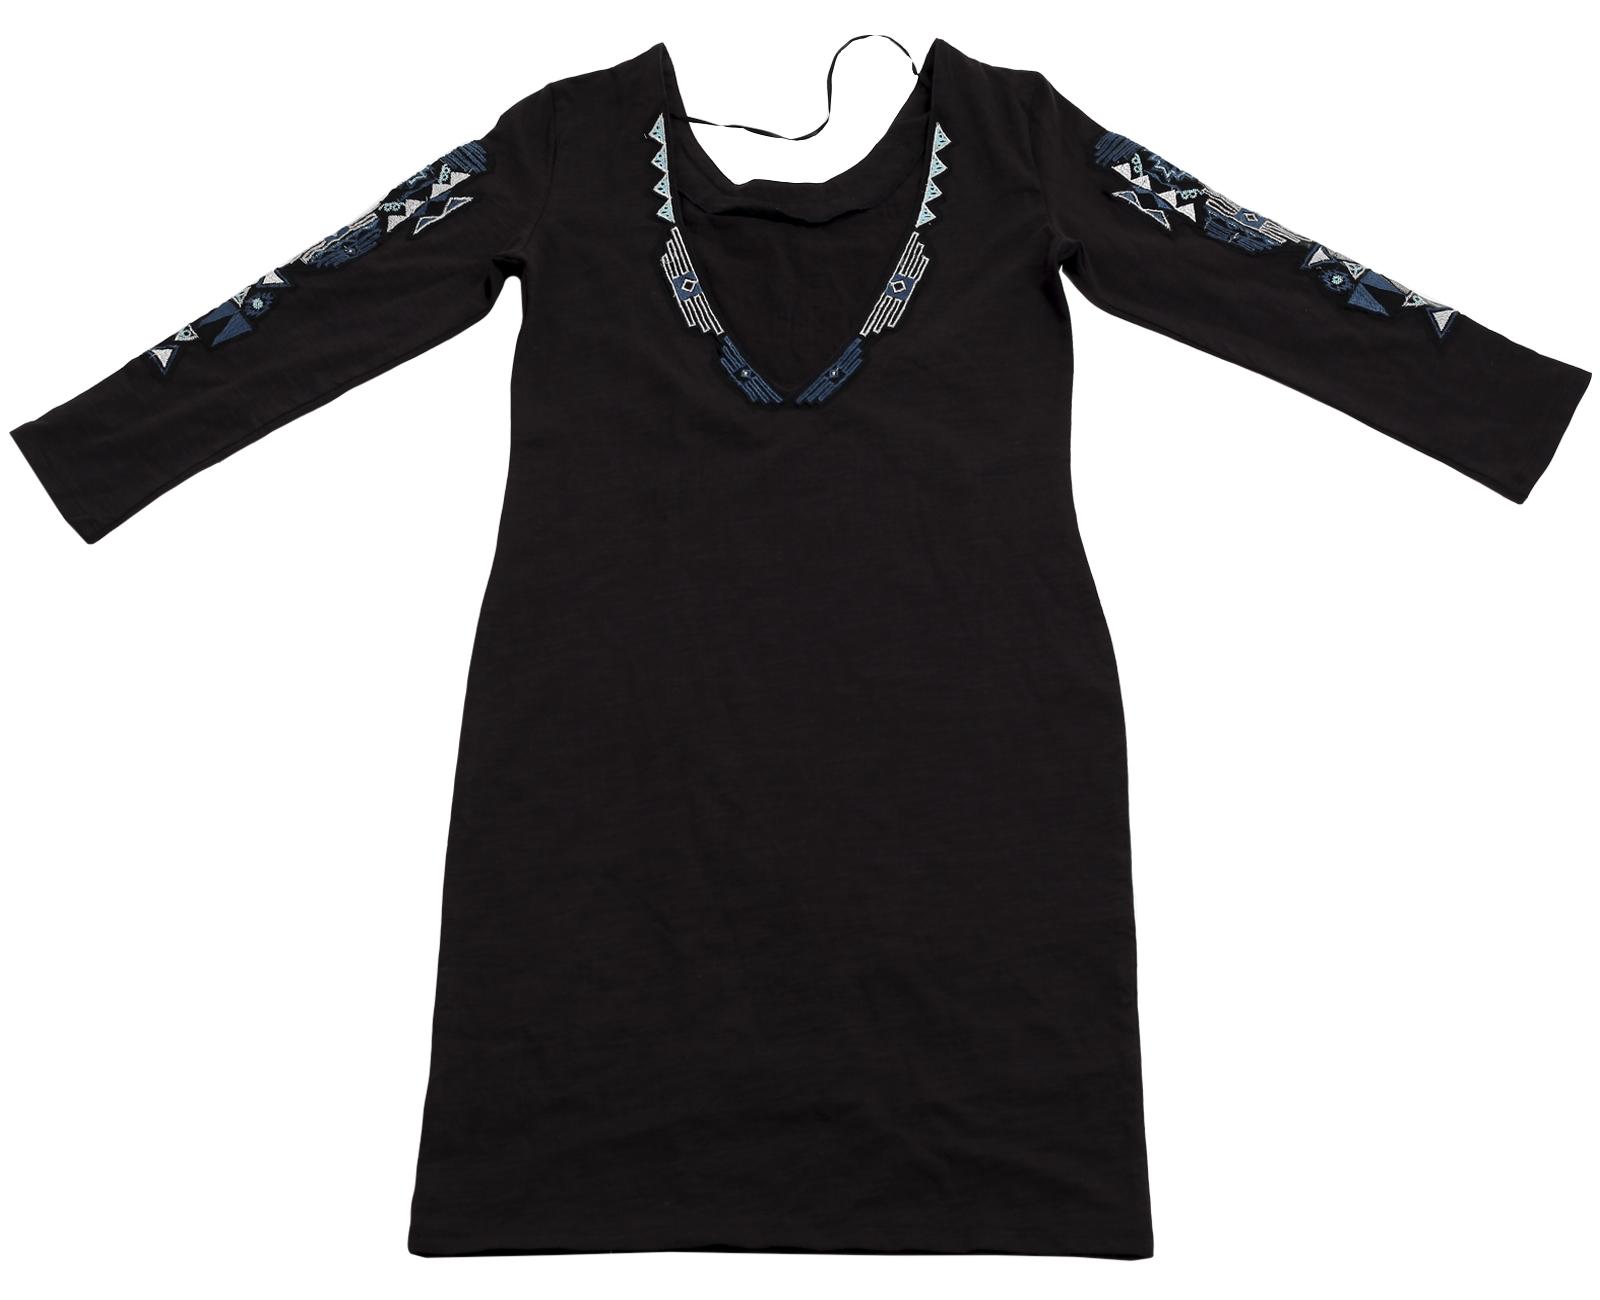 Купить стильное нарядное платье первоклассного качества с этно-мексиканским орнаментом по привлекательной цене